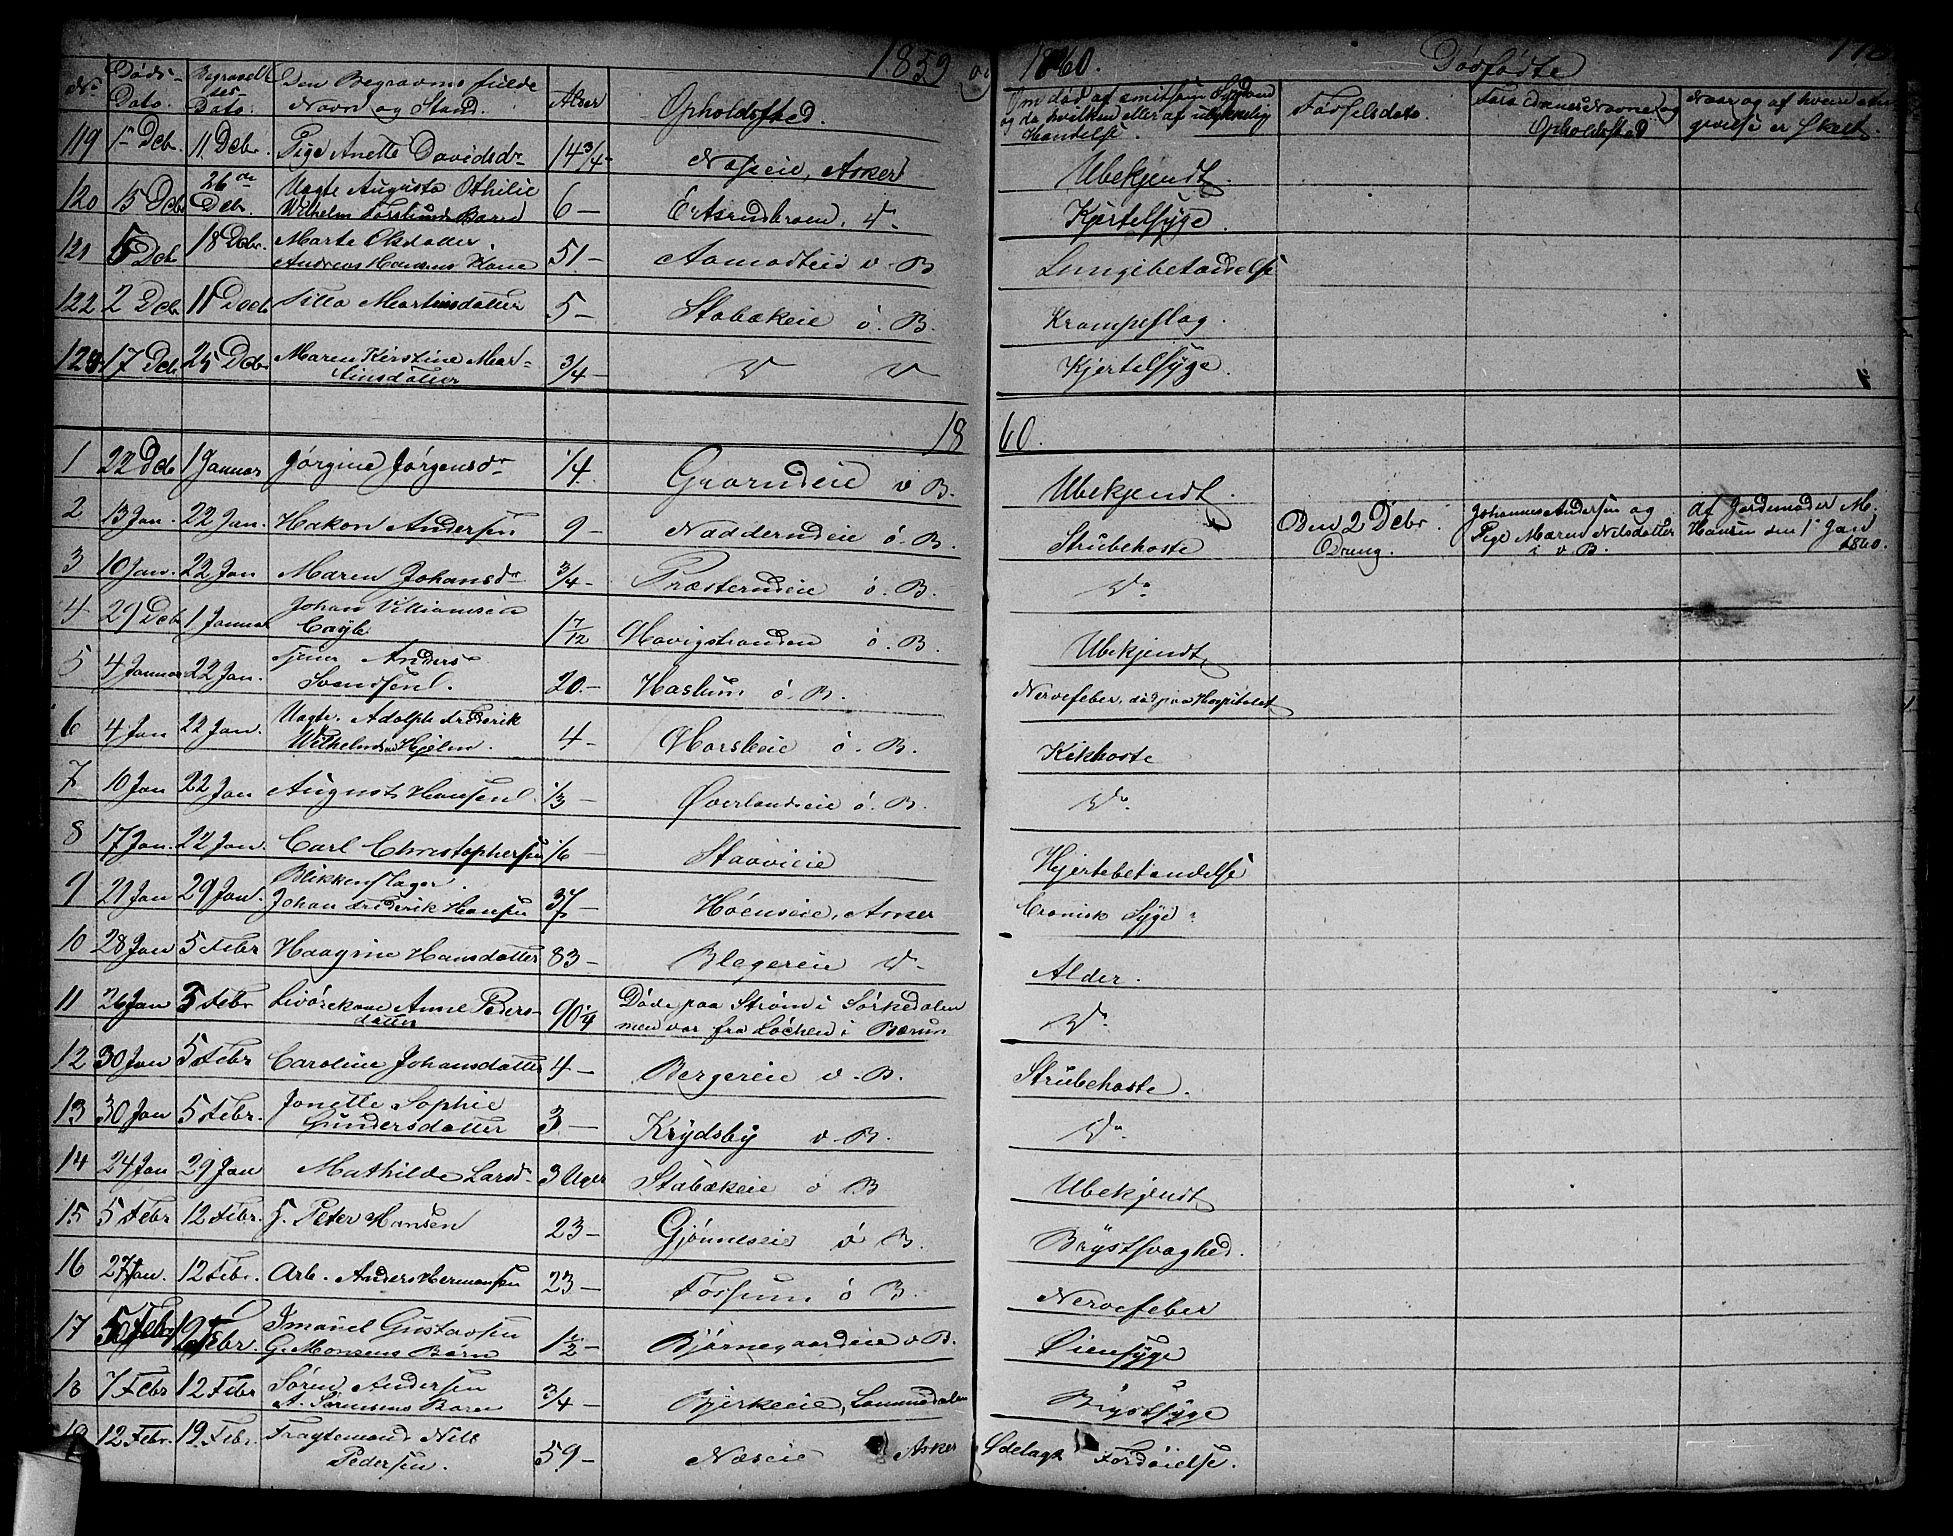 SAO, Asker prestekontor Kirkebøker, F/Fa/L0011: Ministerialbok nr. I 11, 1825-1878, s. 178